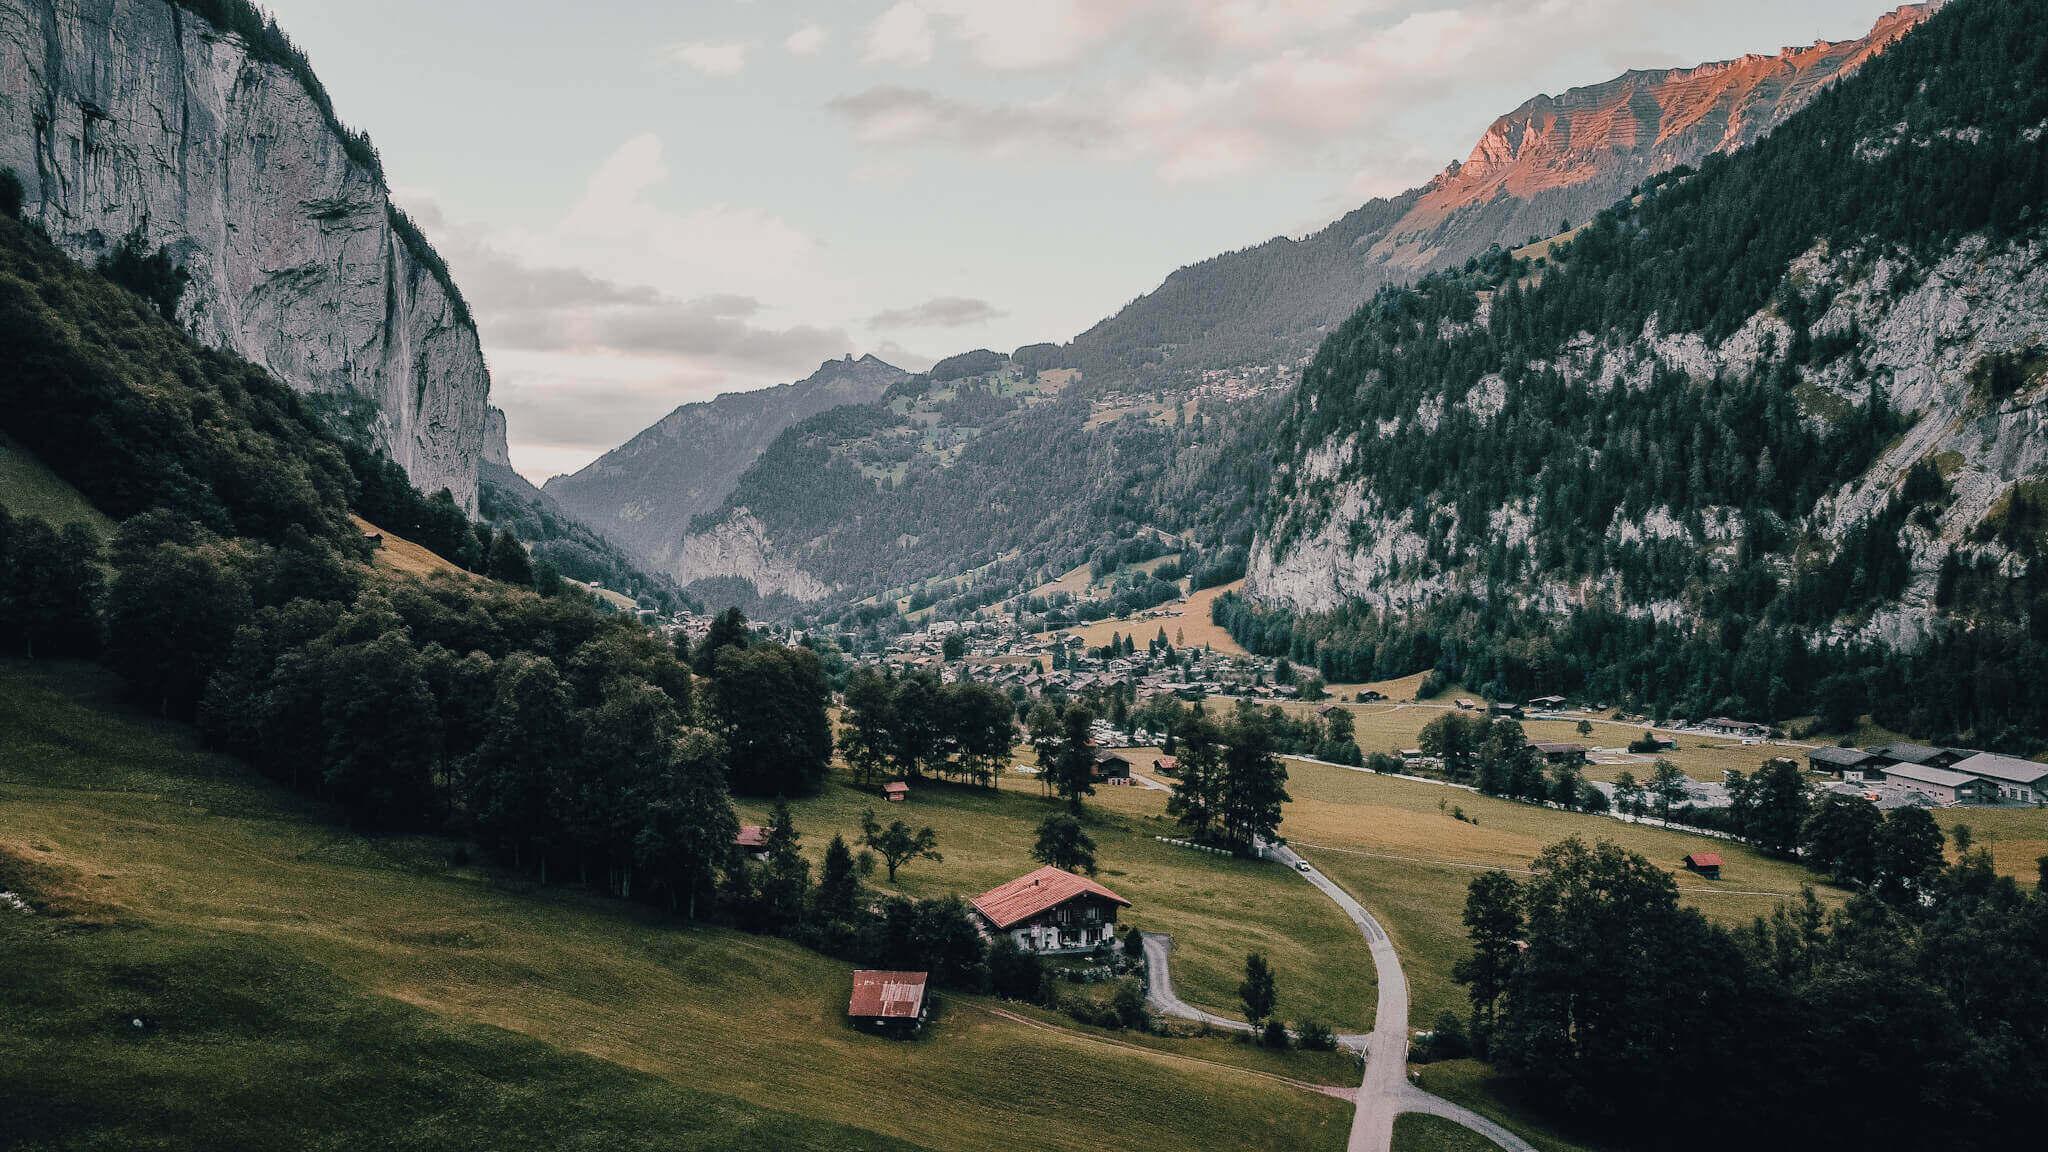 Omgeving Lauterbrunnen met een drone gefotografeerd